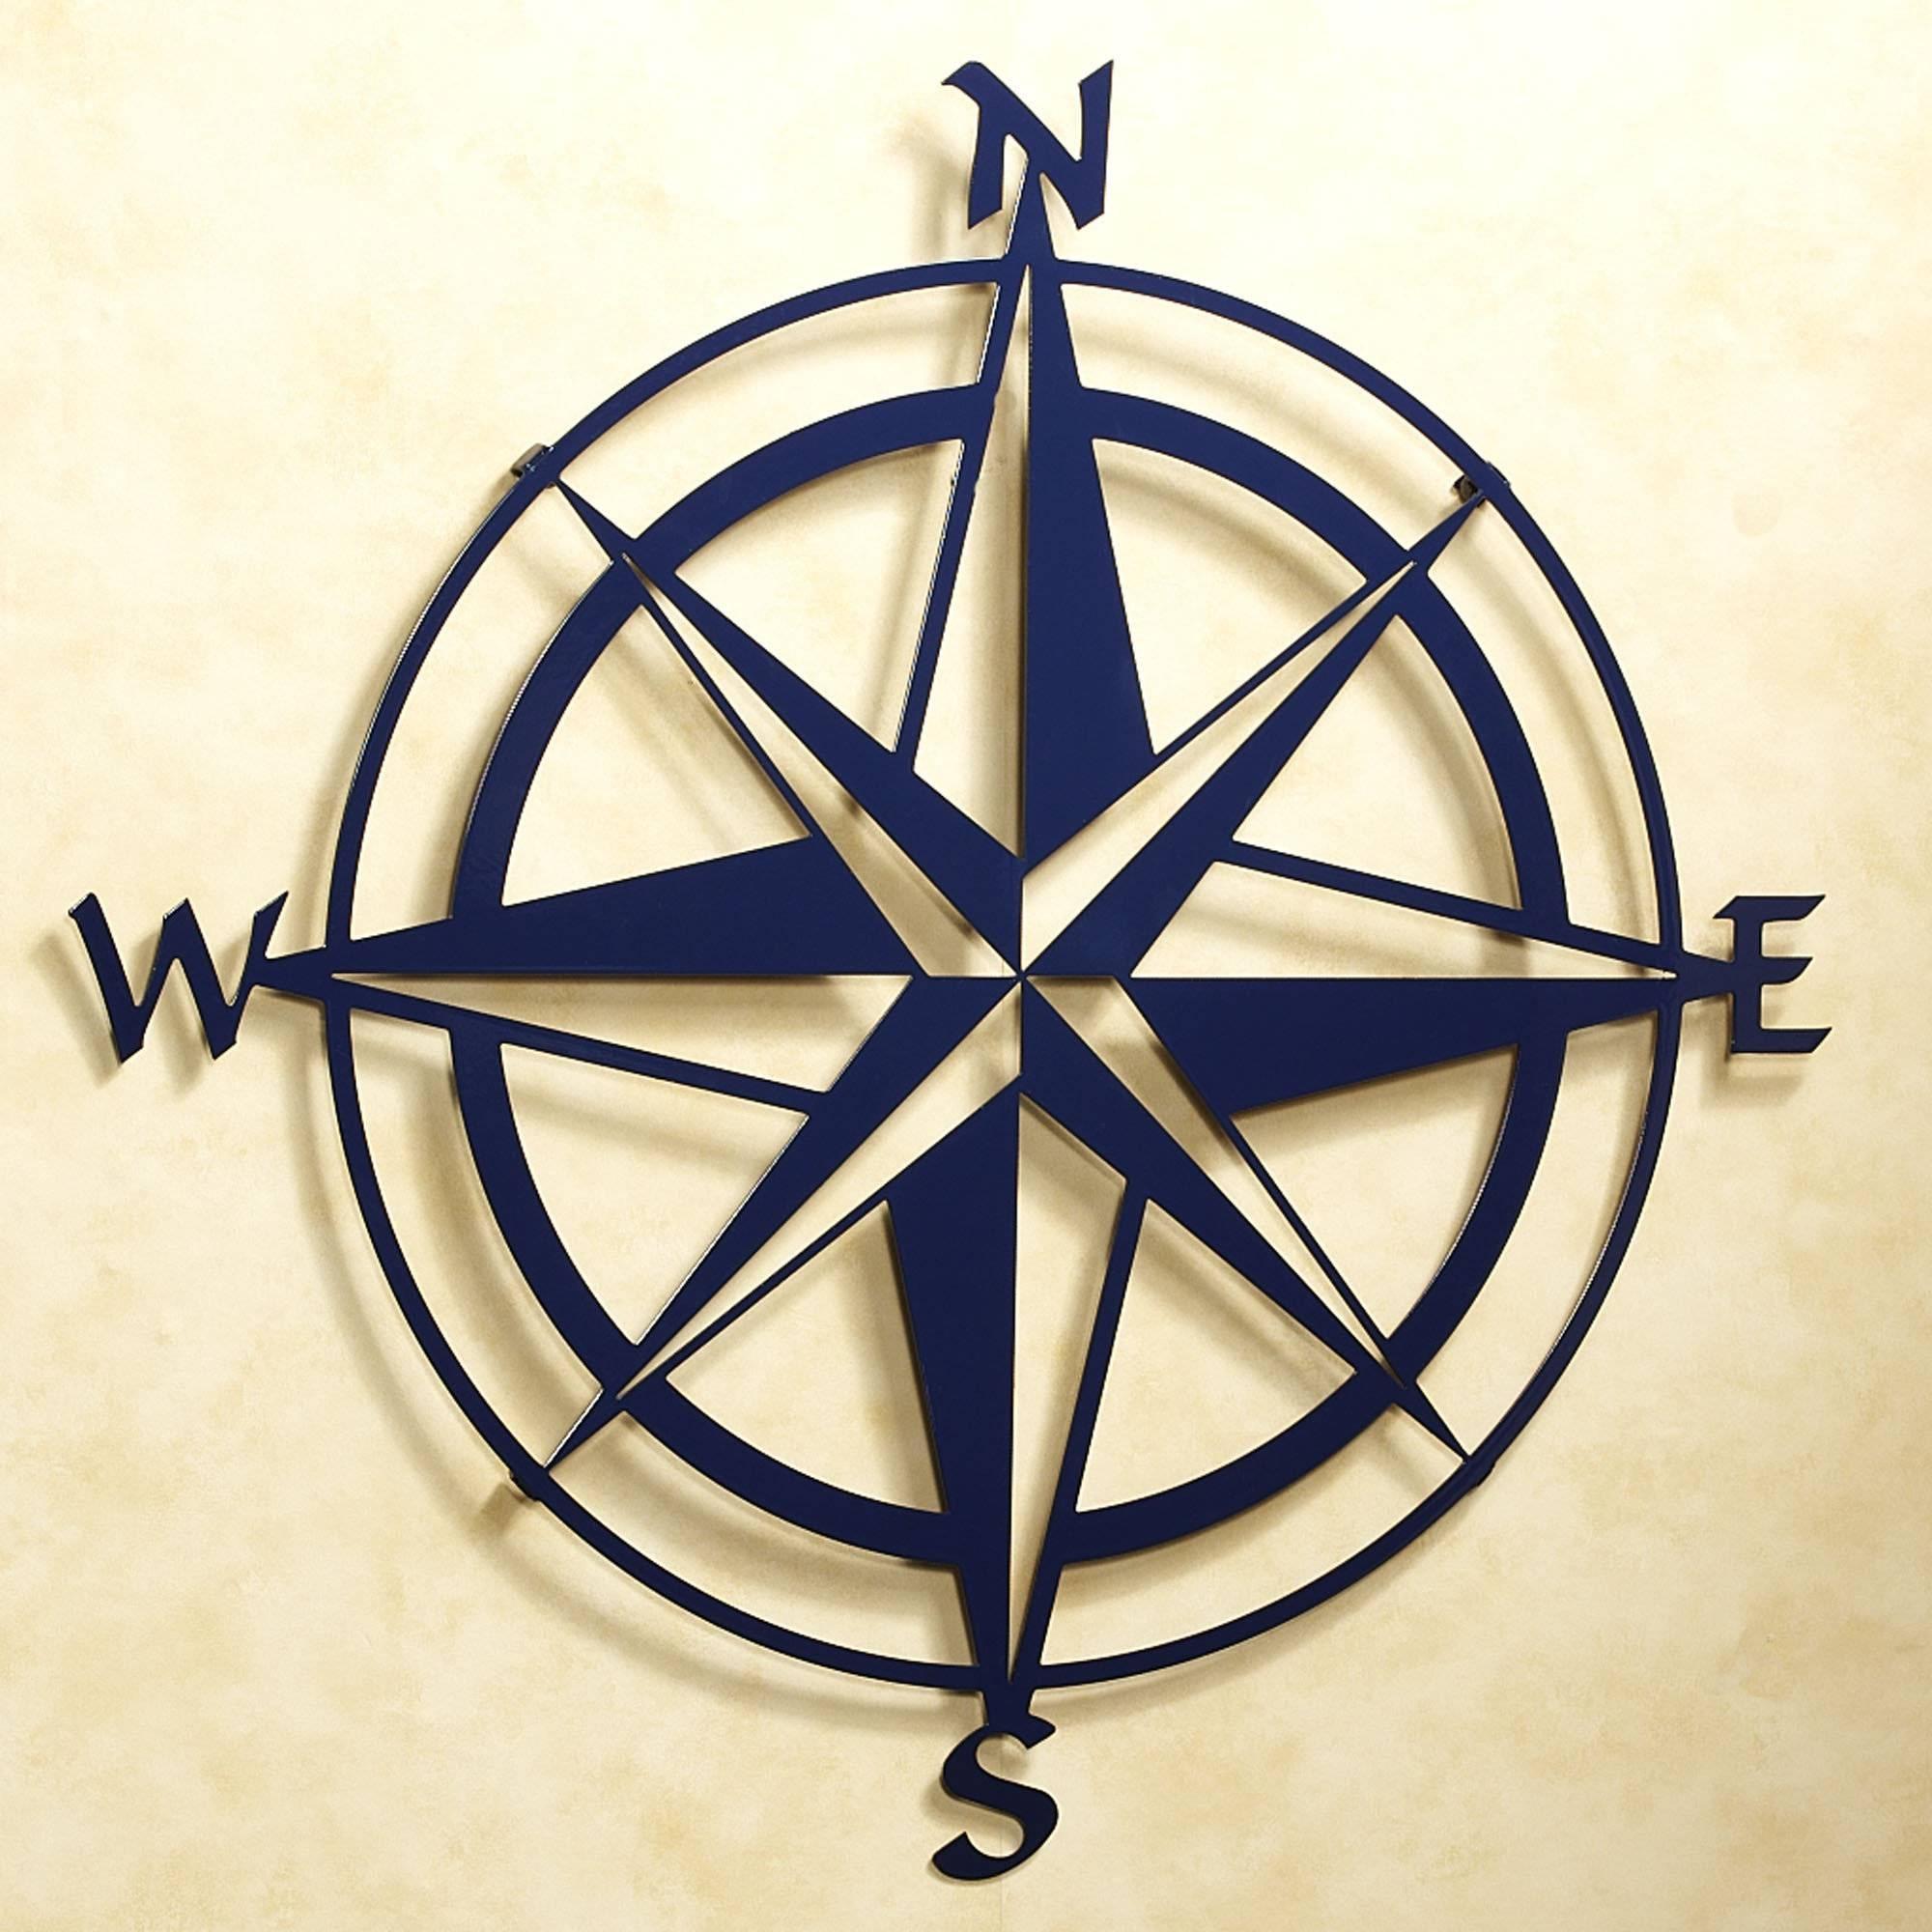 Wall Art Design Ideas: Nautical Metal Compass Rose Wall Art Within Most Recent Nautical Metal Wall Art (View 1 of 20)